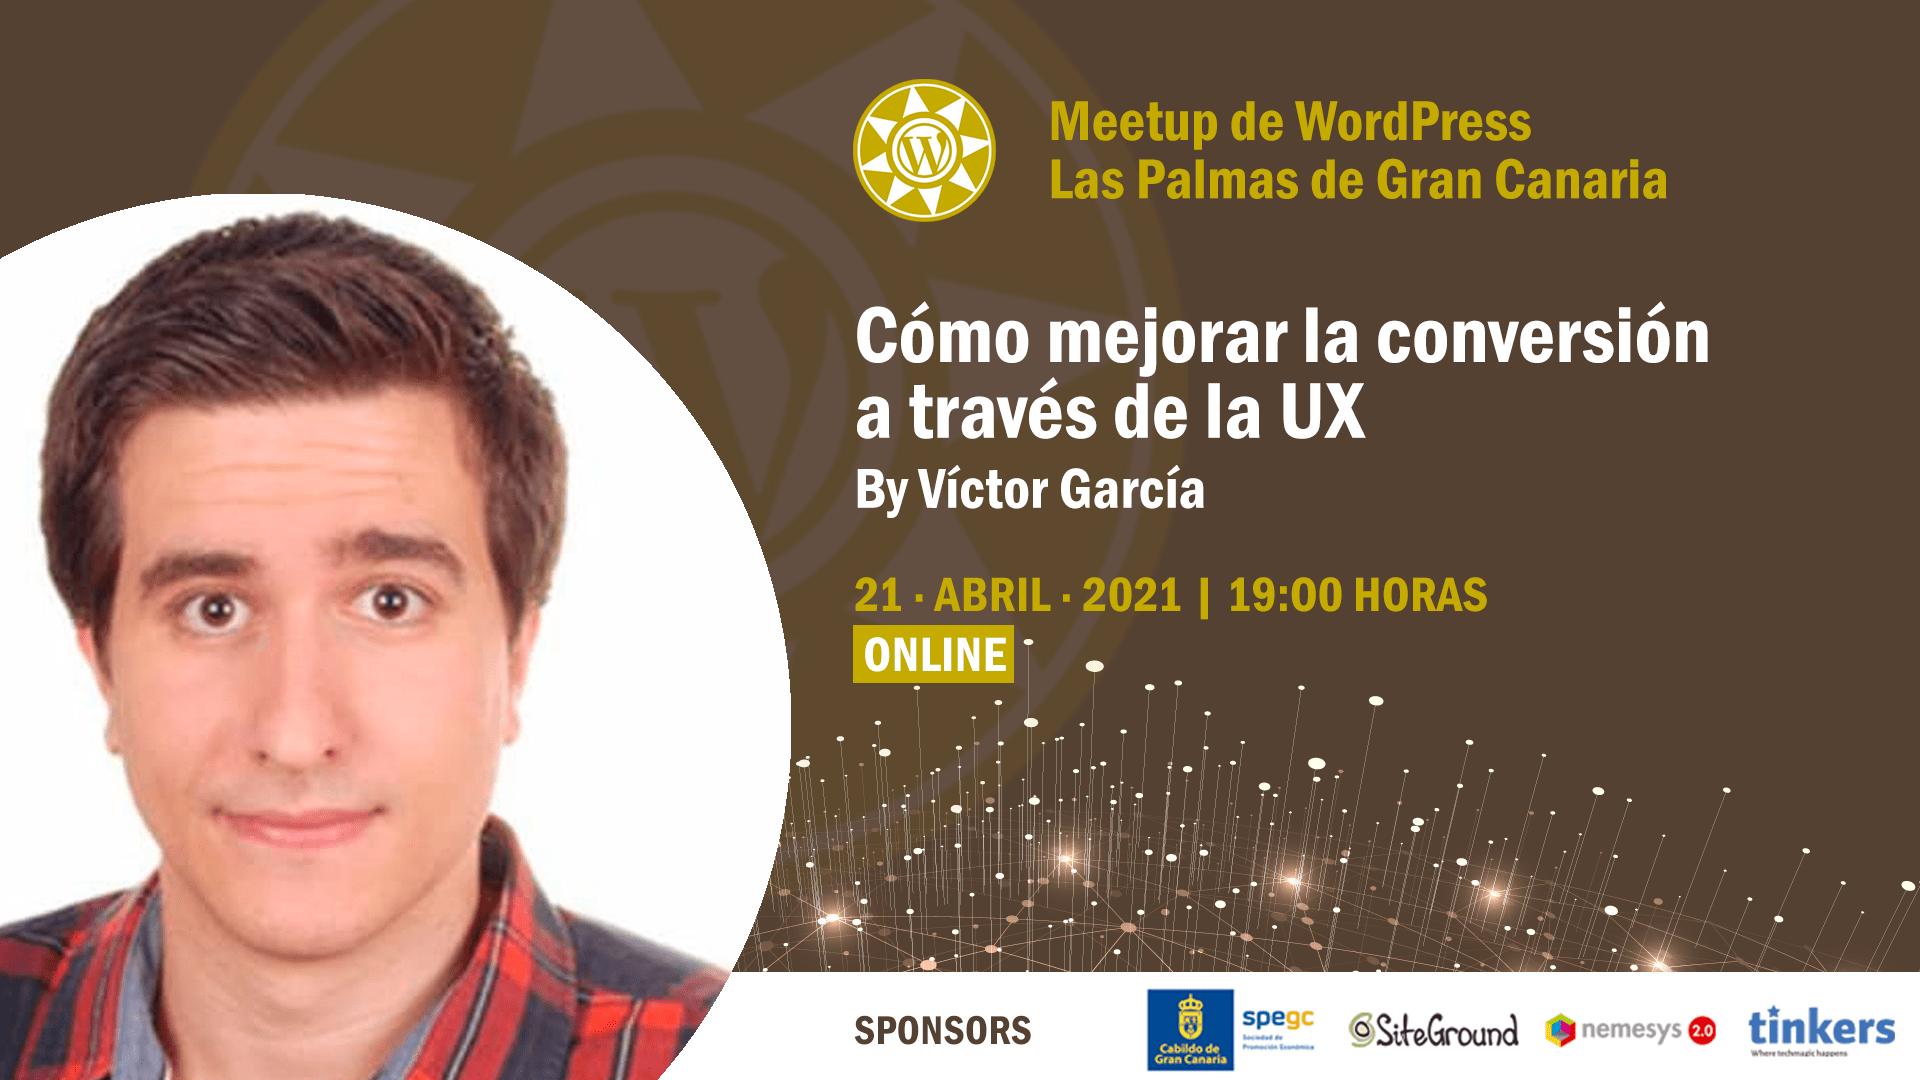 Cartela Meetup Víctor García sobre conversión